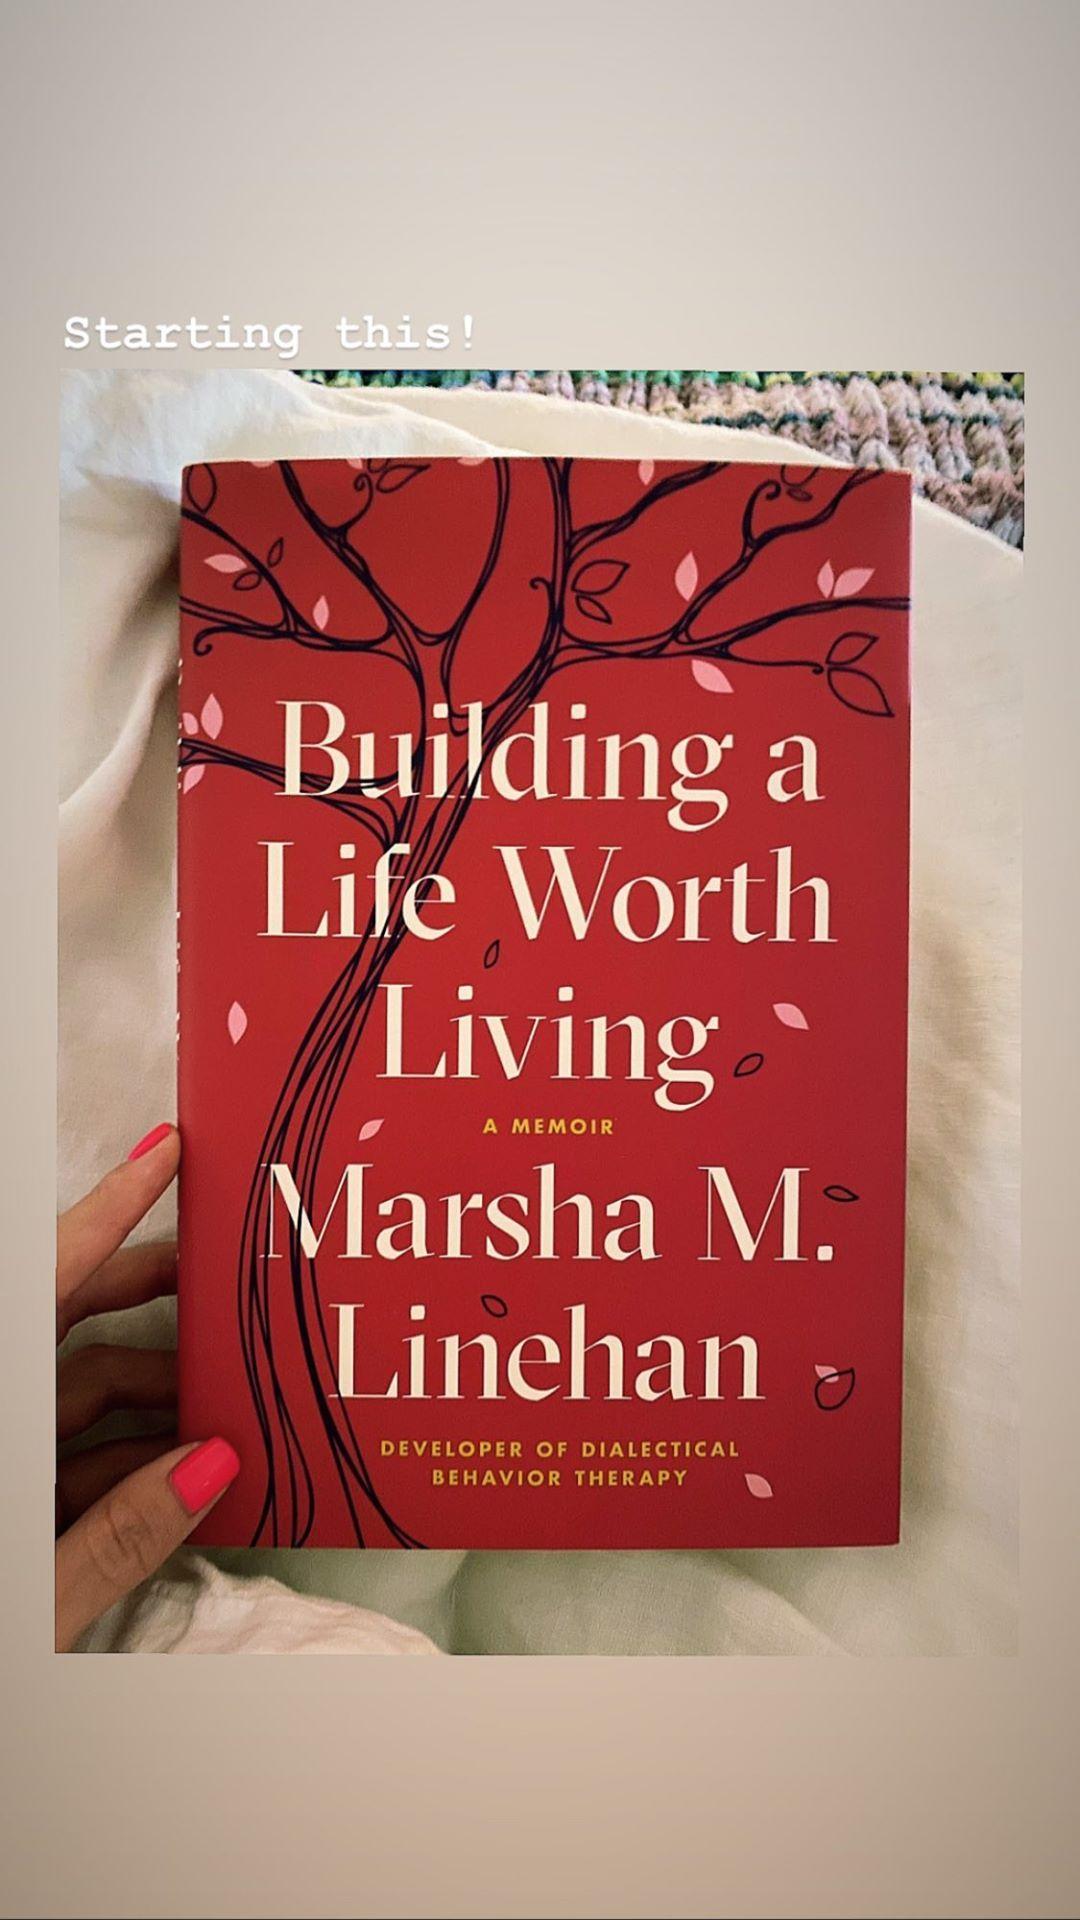 سلنا کتاب Building a Life Worth Living را معرفی کرد